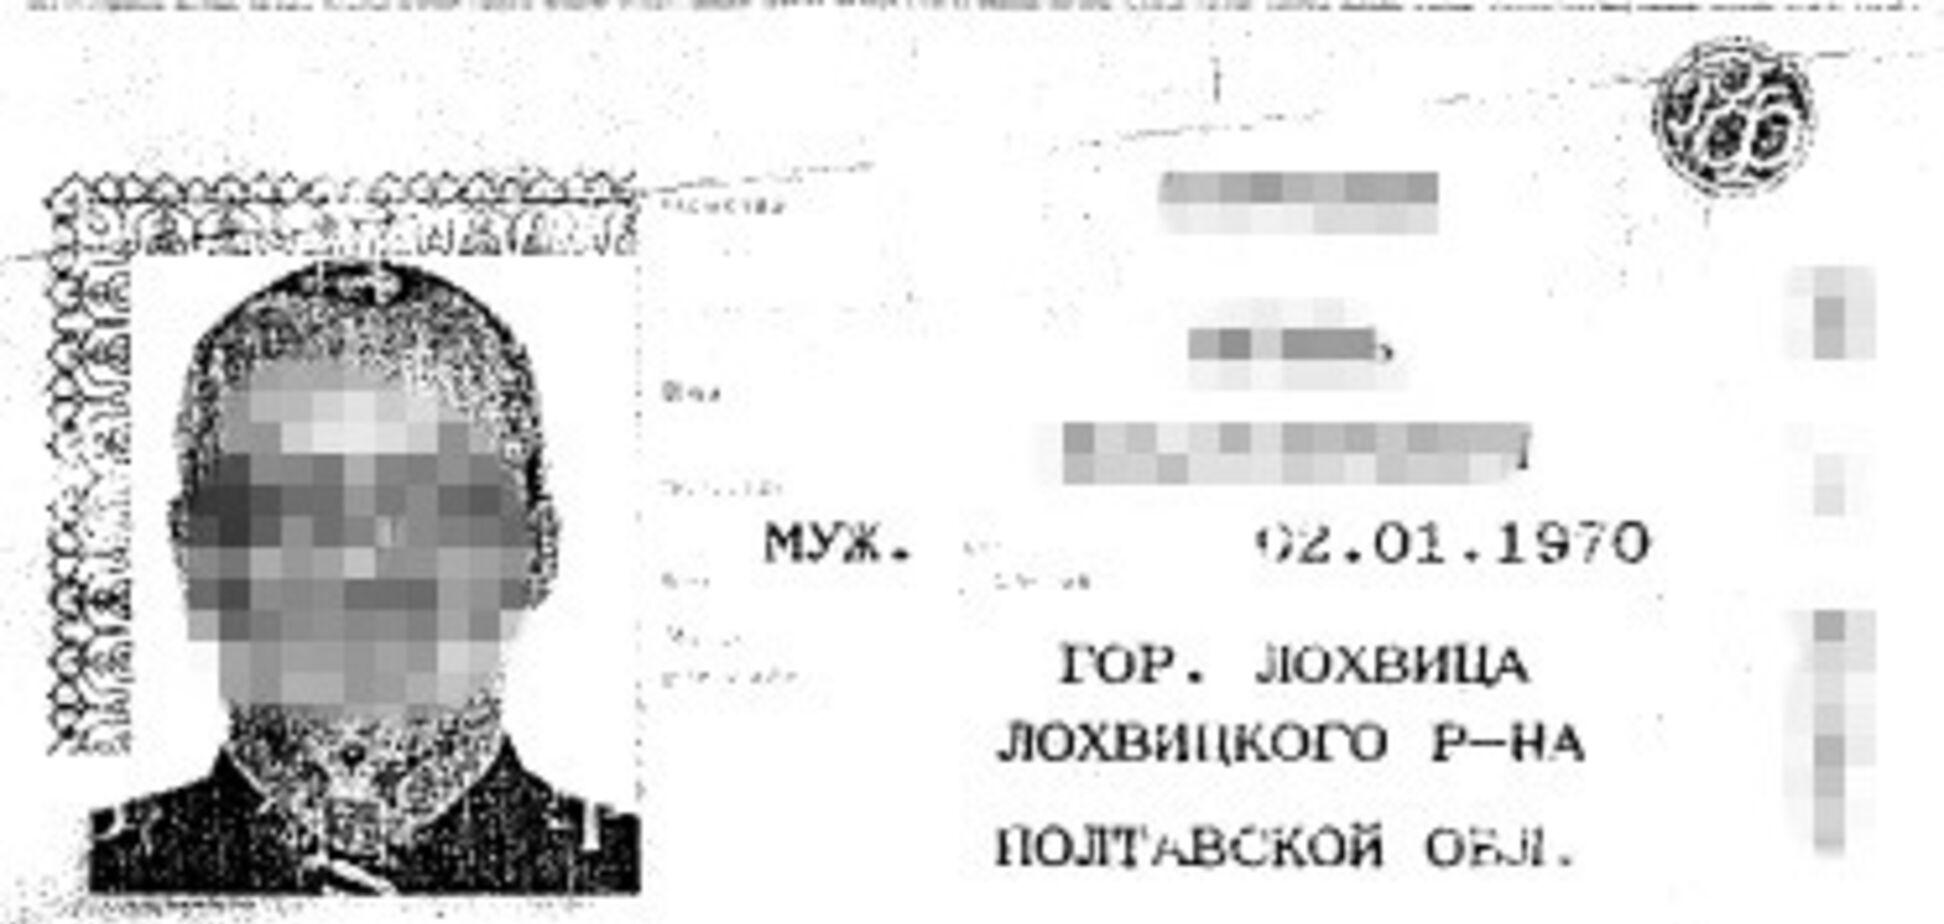 Збирав держтаємниці: СБУ викрила підполковника Нацгвардії з паспортом Росії